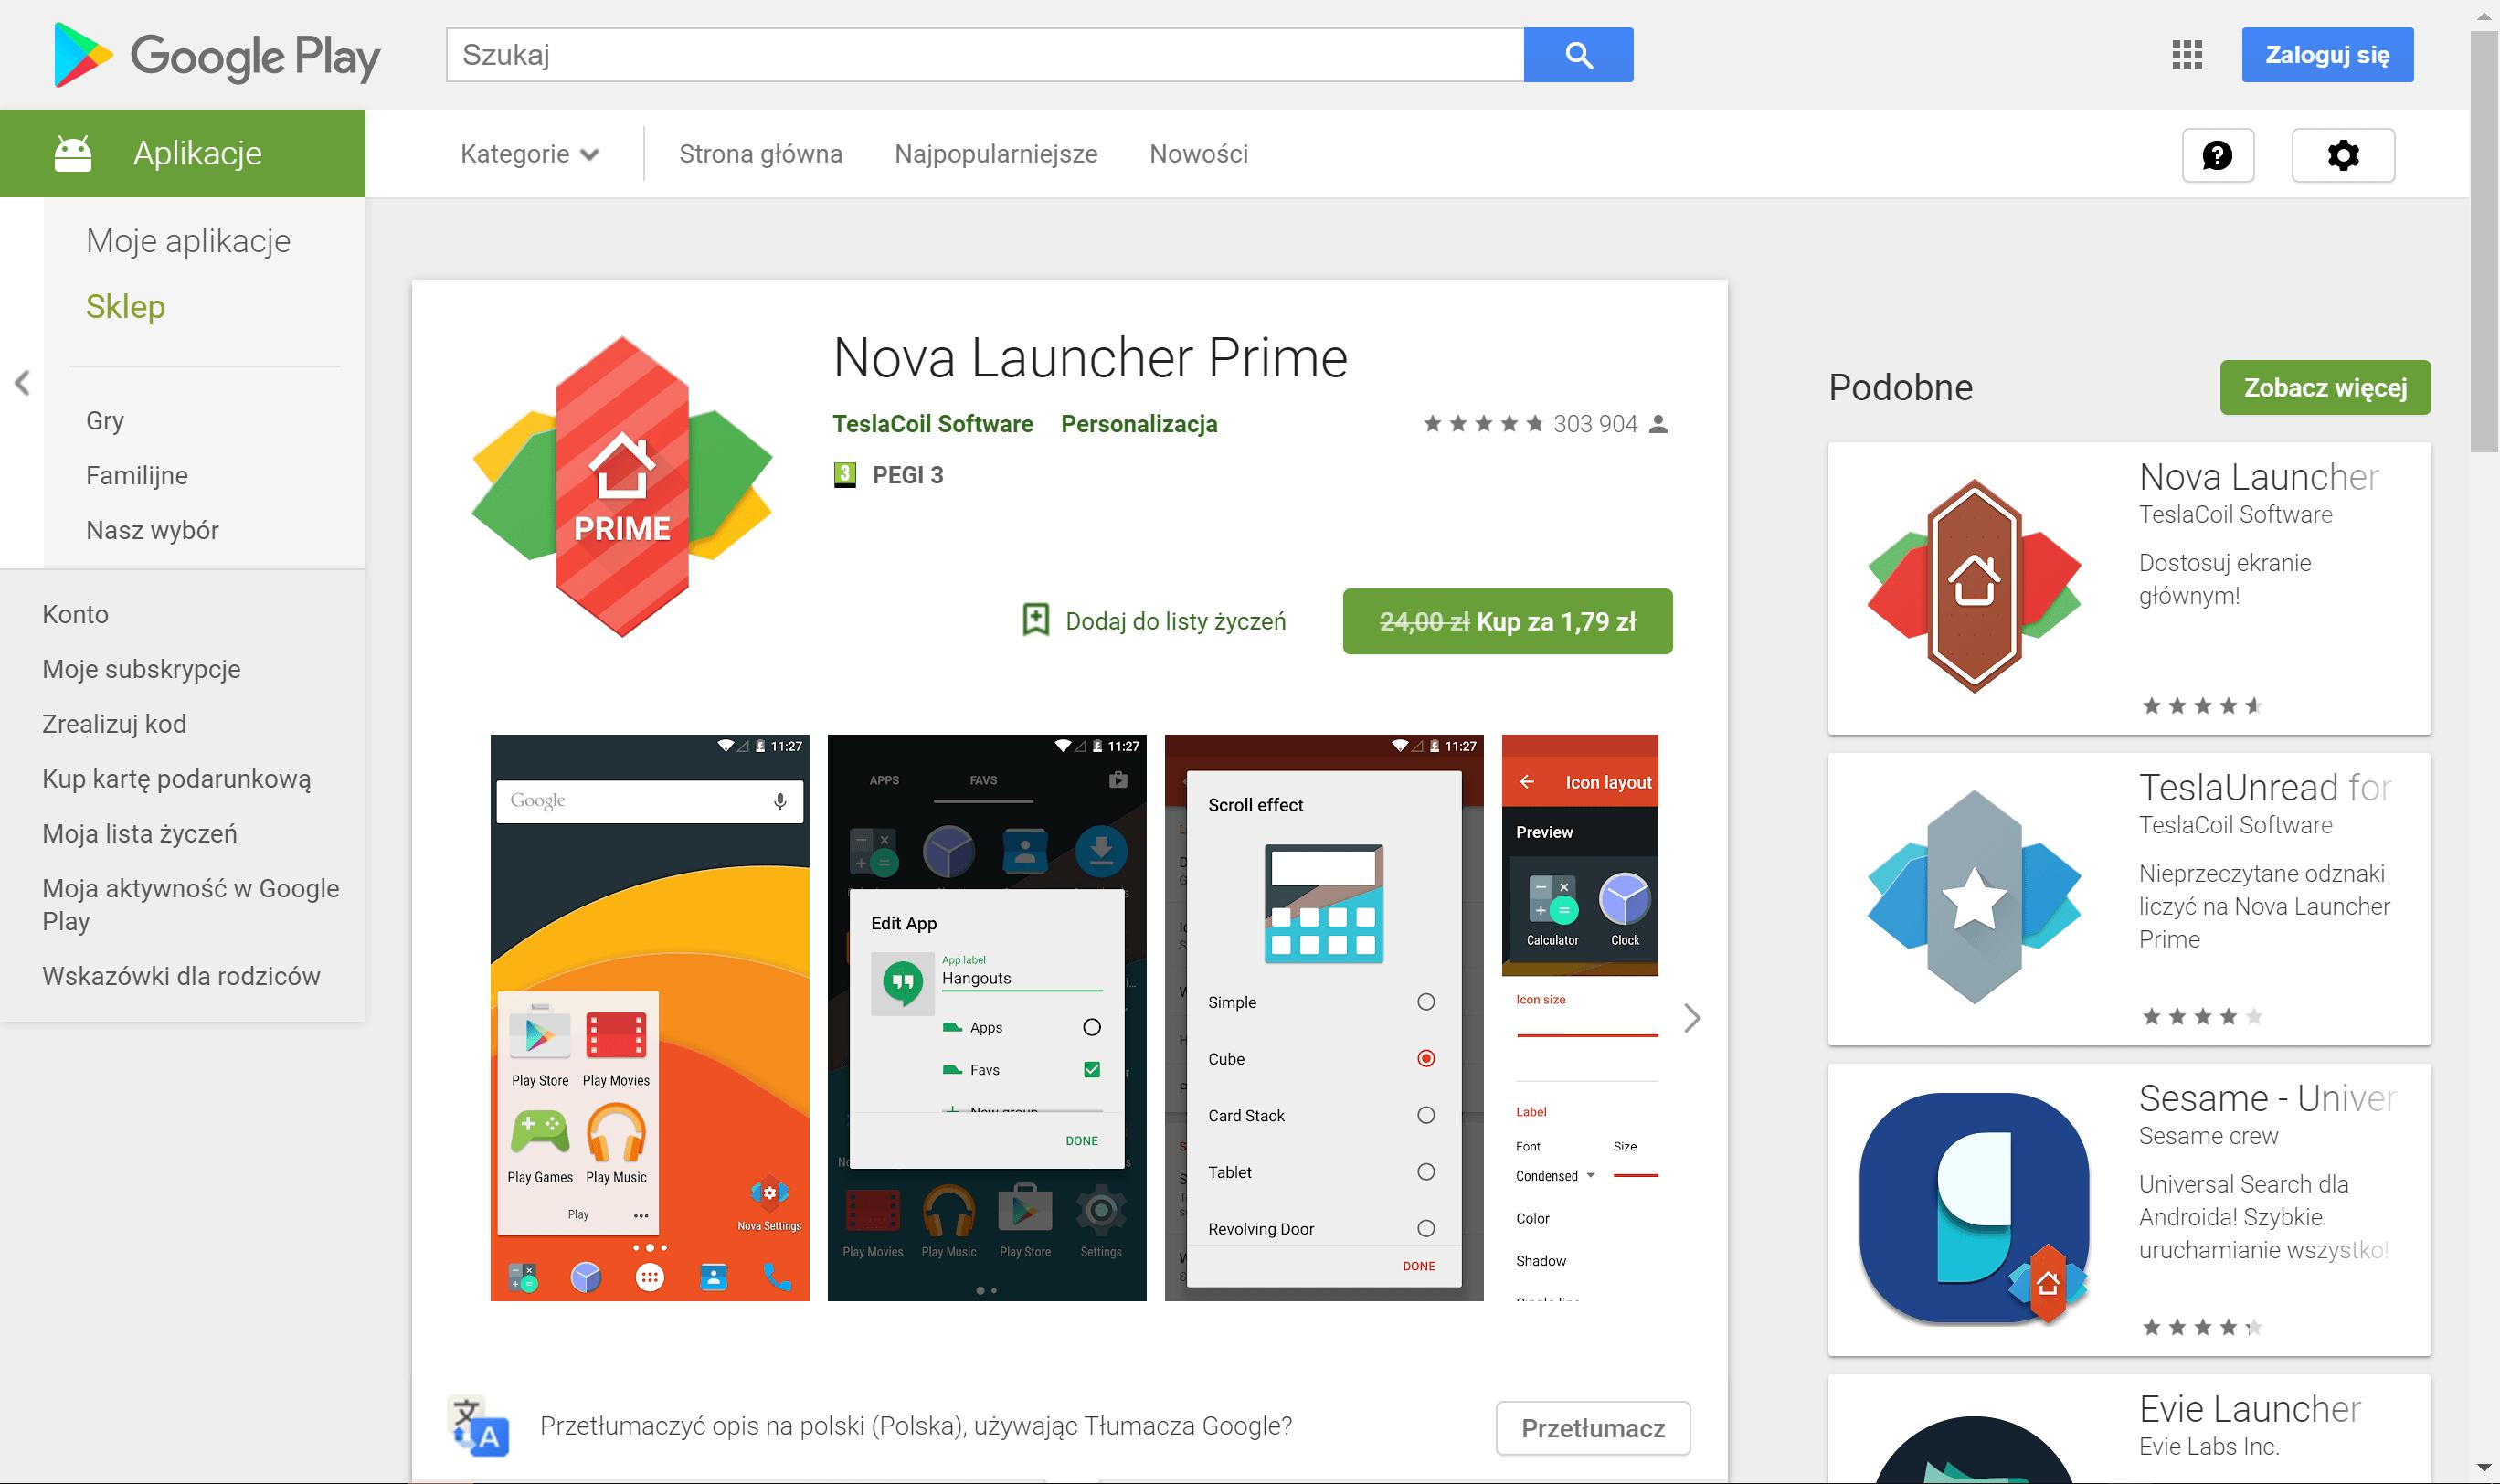 Tabletowo.pl Nareszcie! Nova Launcher Prime do kupienia za jedyne 1,79 zł! Android Aplikacje Promocje